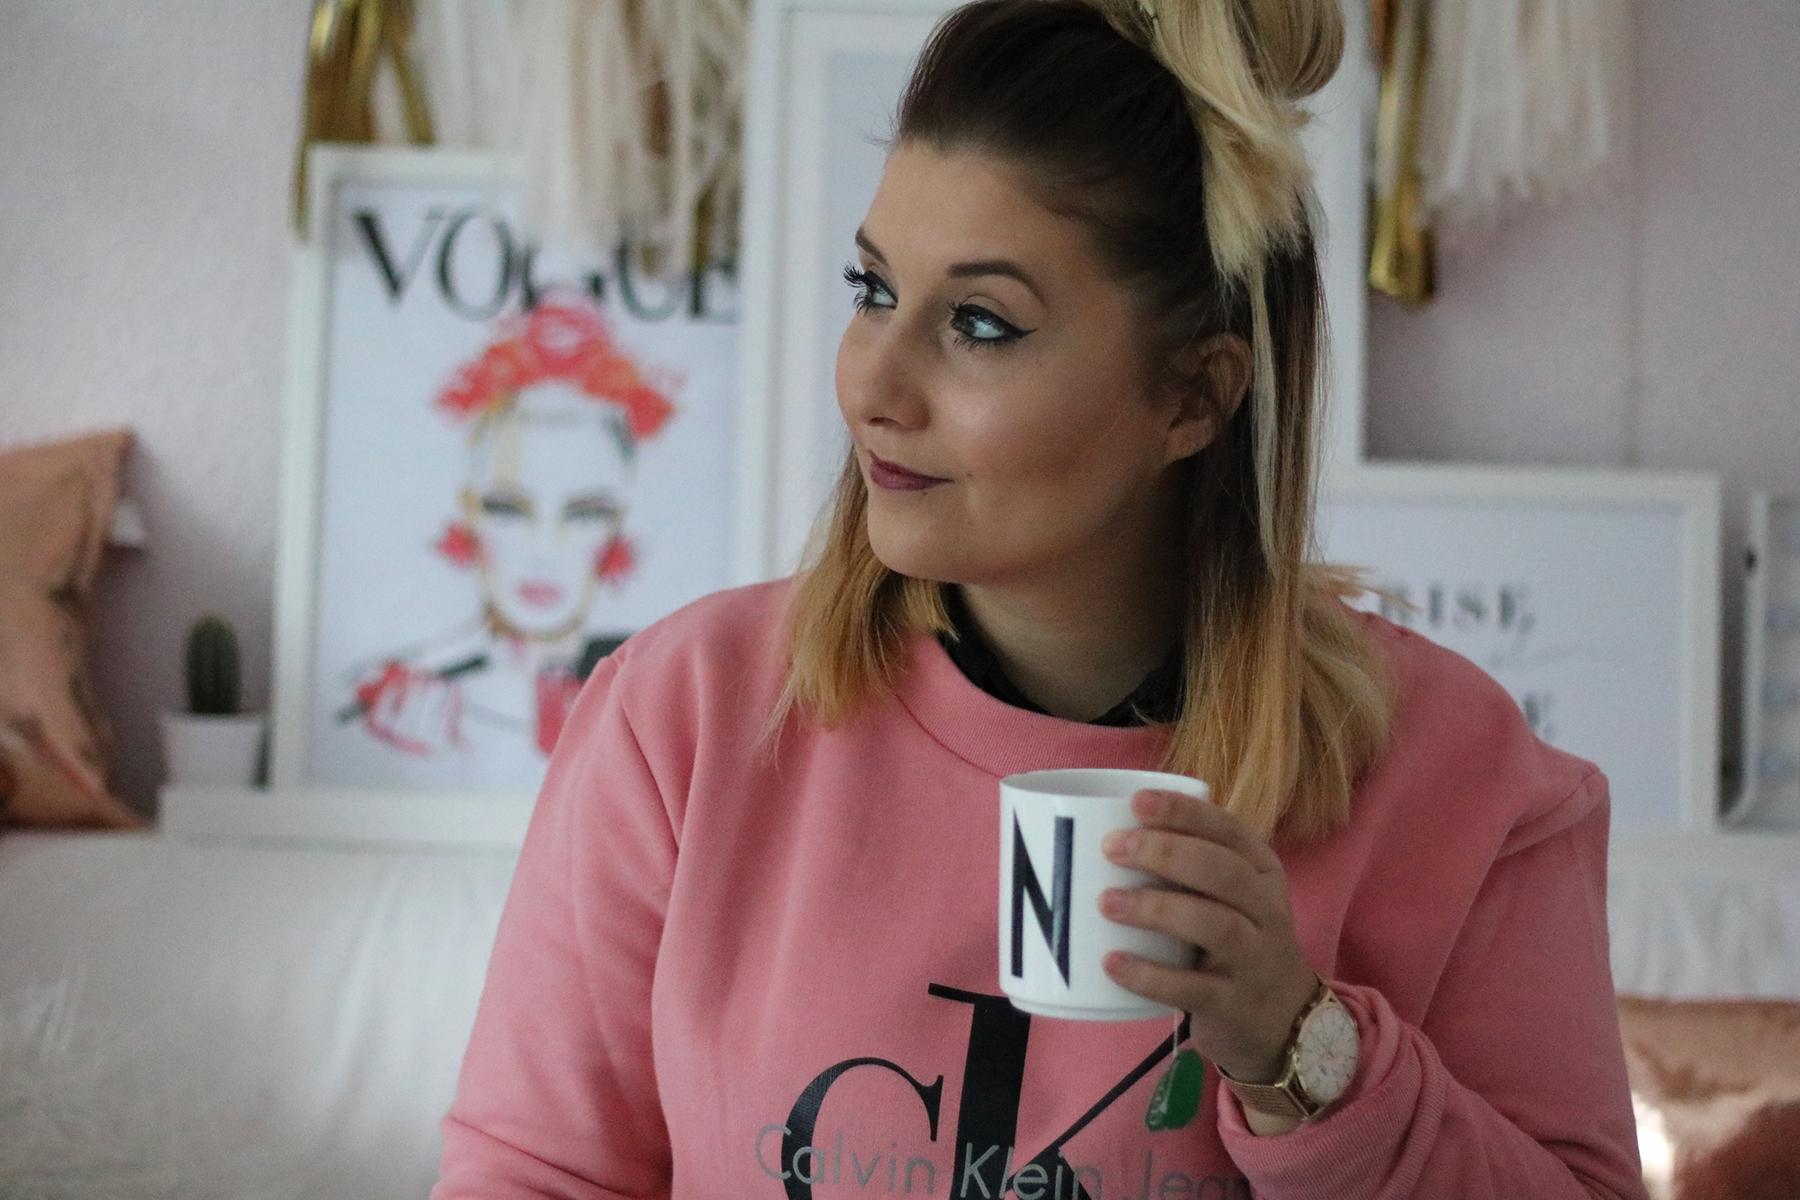 cupper-tea-post-auszeit-modeblog-fashionblog-tipps-ruhe-gönnen-seit-für-sich19